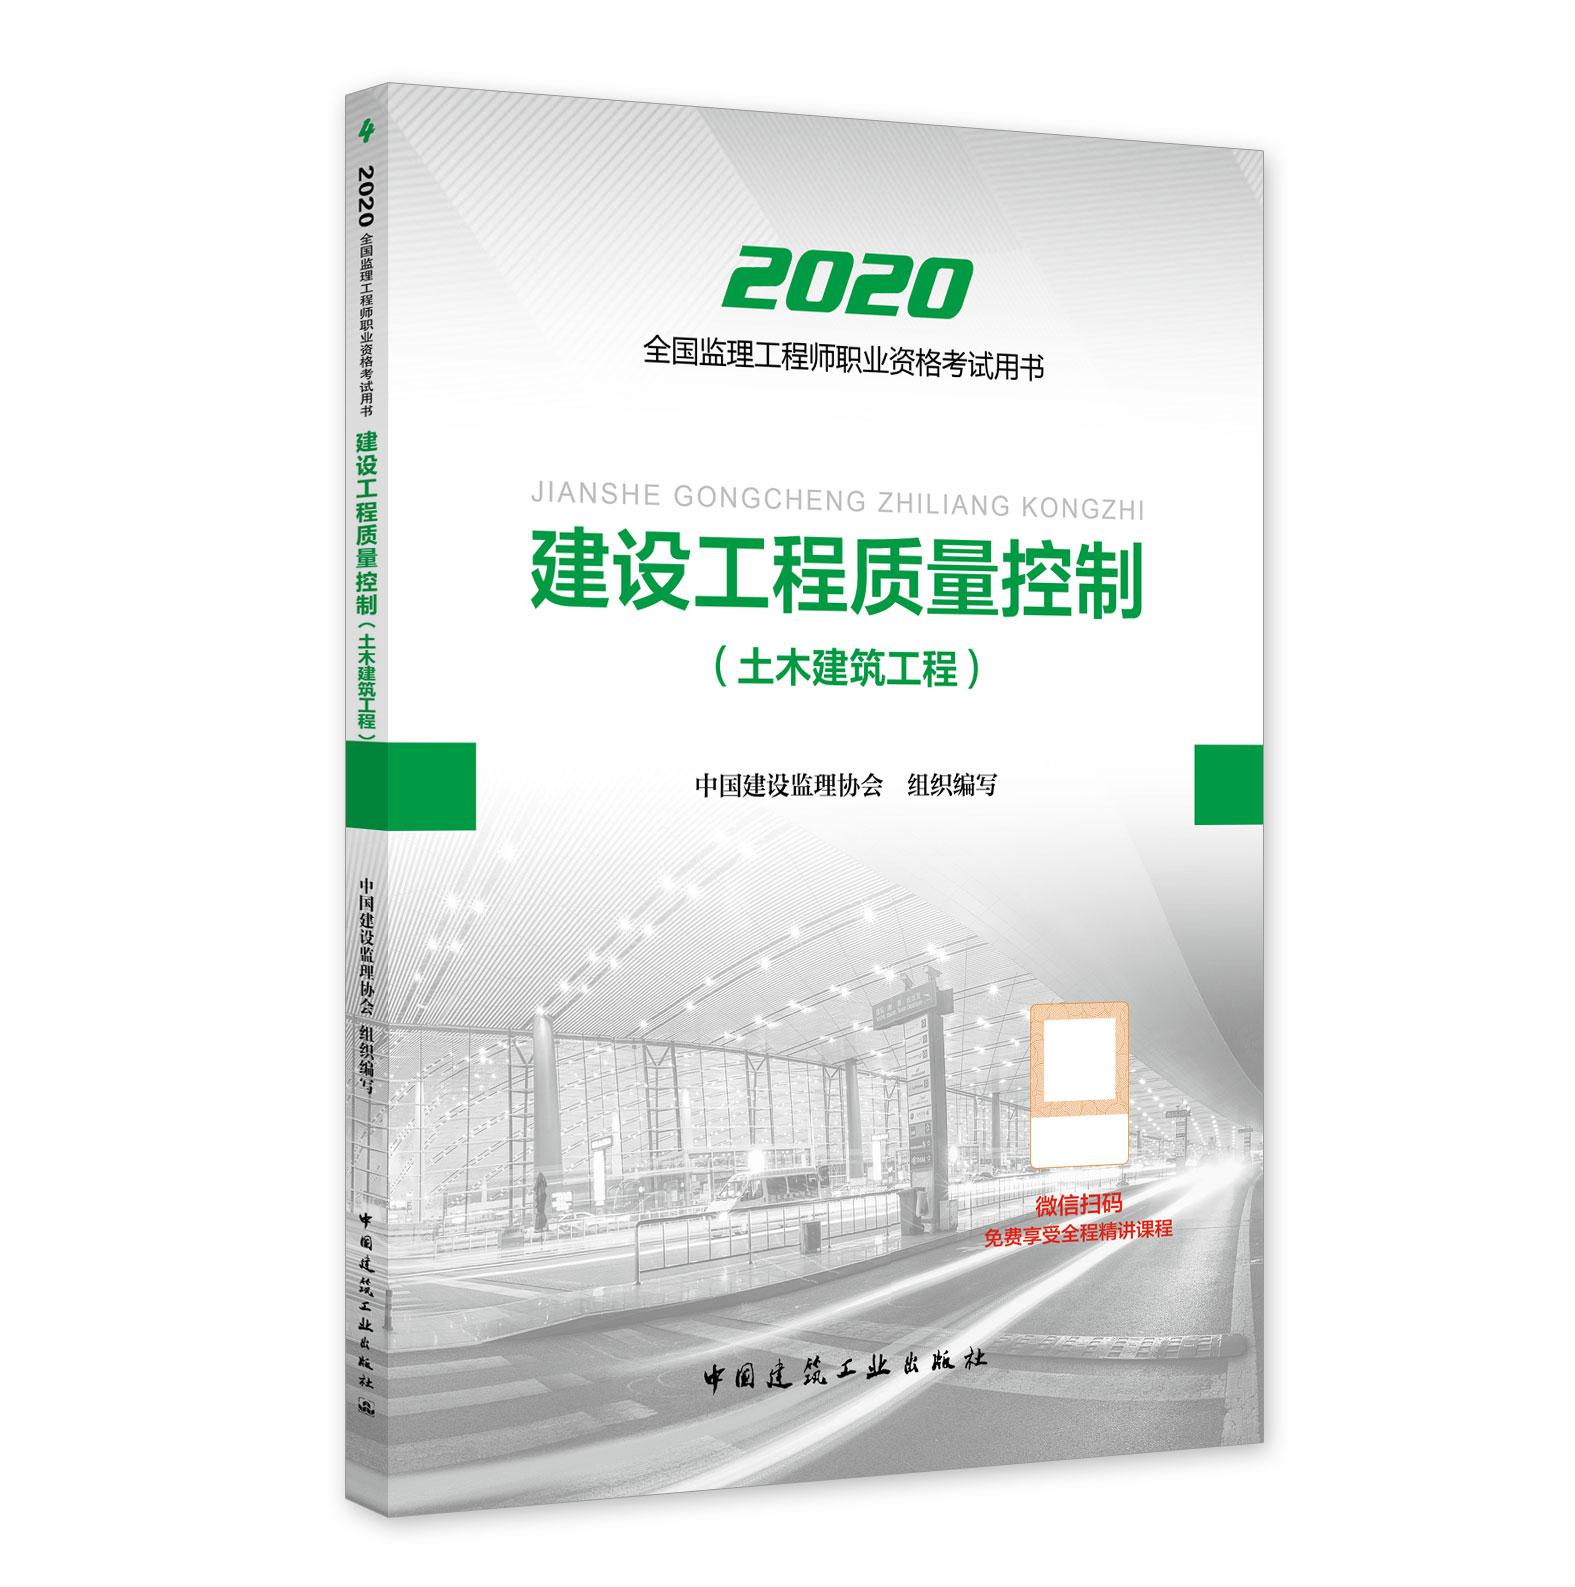 2020年全国监理工程师培训考试教材 建设工程质量控制(土木建筑)